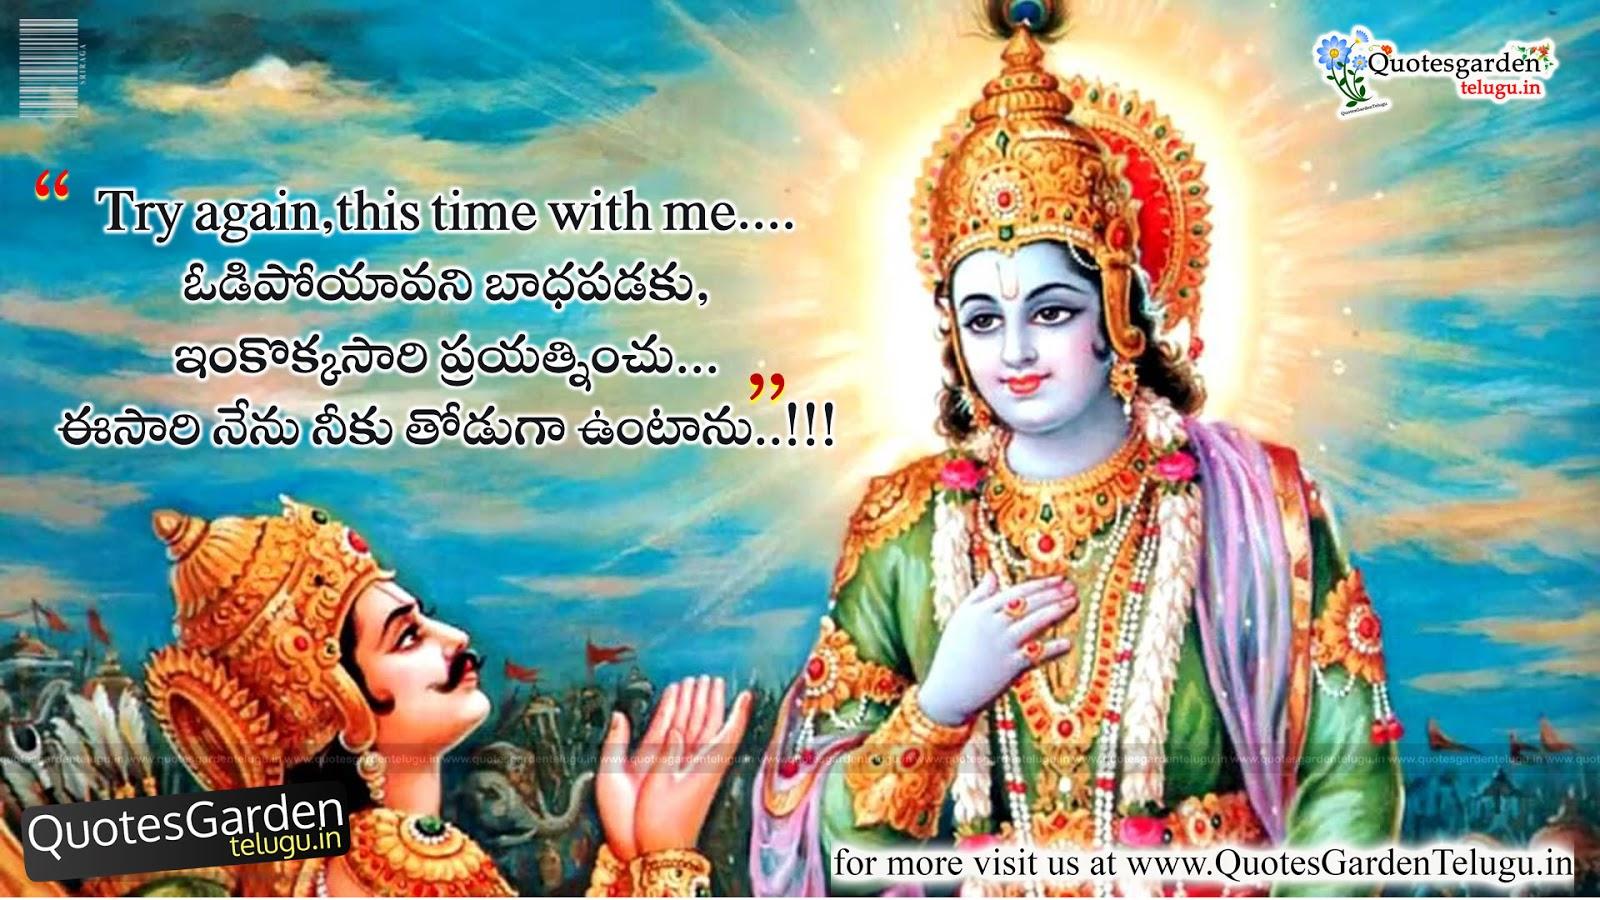 Best Messages From Bhagavadgita In Telugu